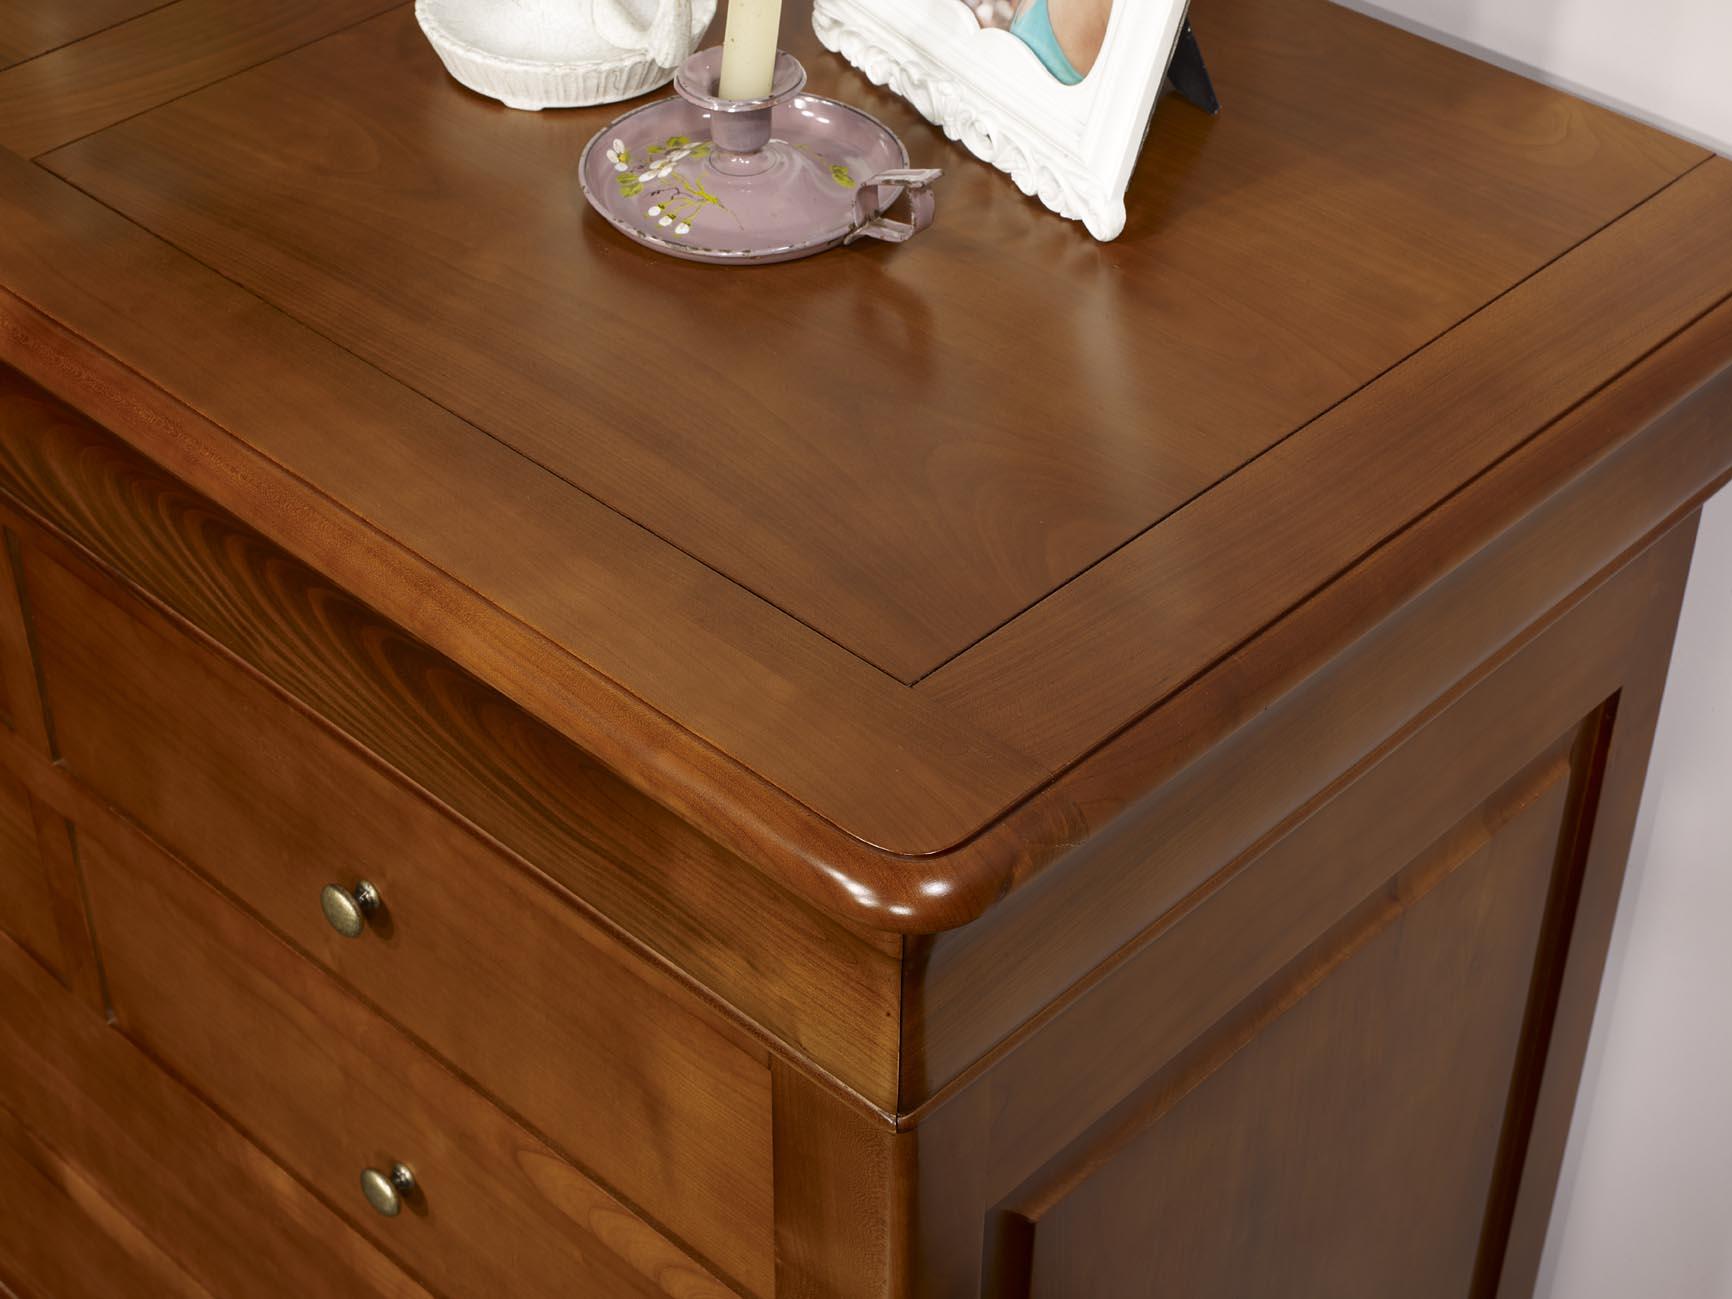 Commode 7 tiroirs en merisier massif de style louis philippe meuble en merisier massif - Meuble merisier style louis philippe ...